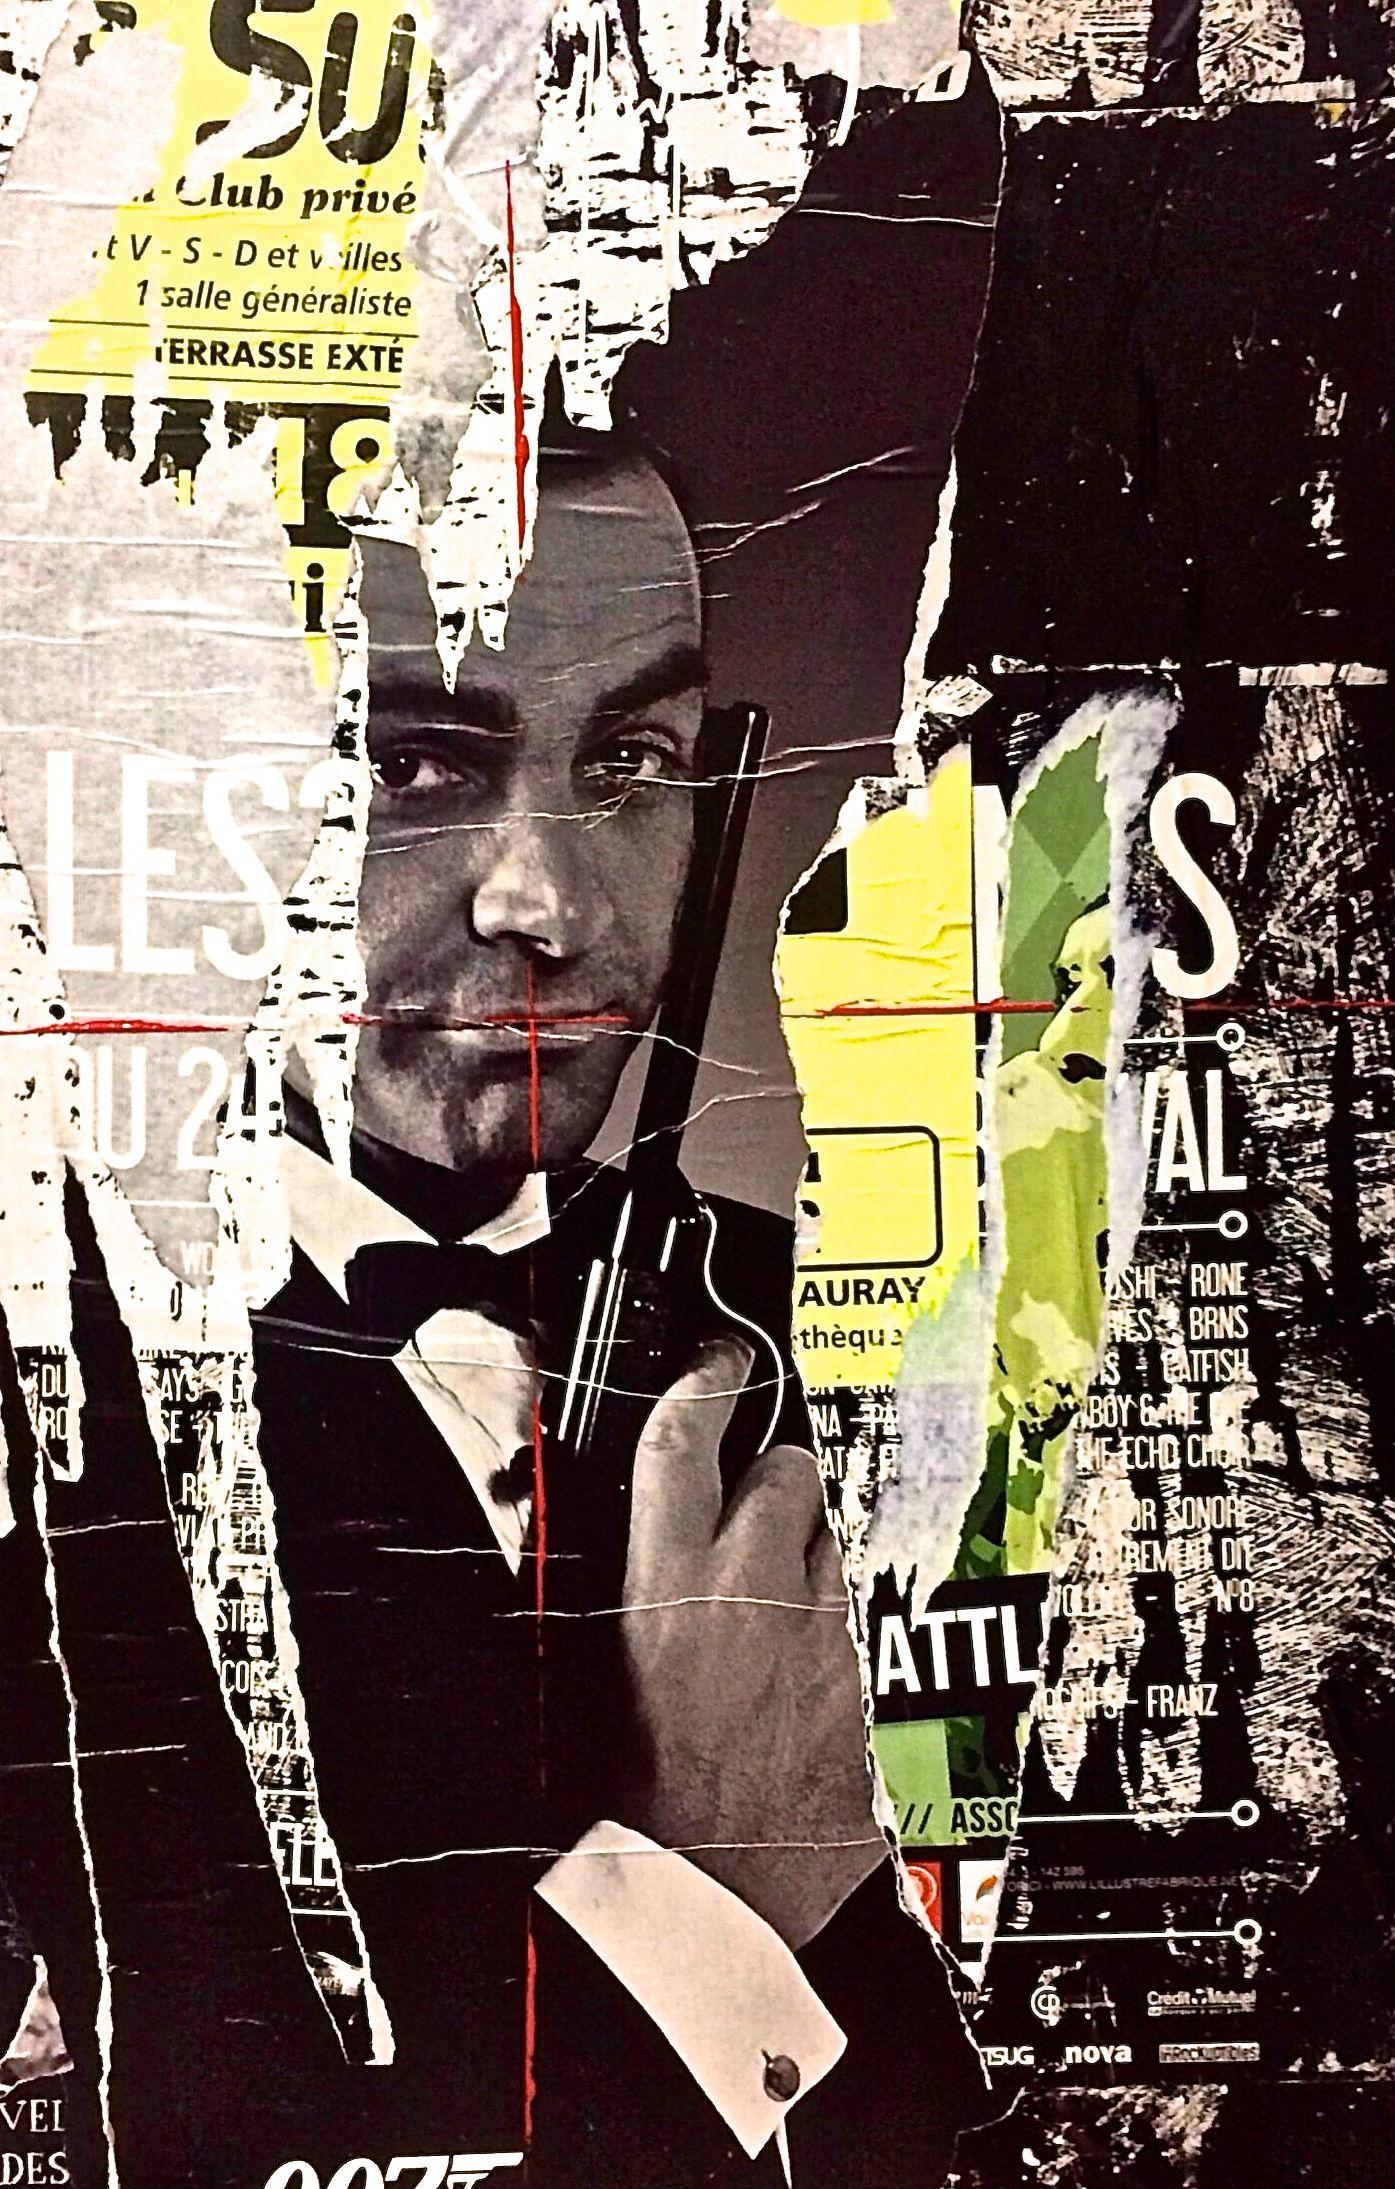 james bond street art pop art affiche collage affiche. Black Bedroom Furniture Sets. Home Design Ideas